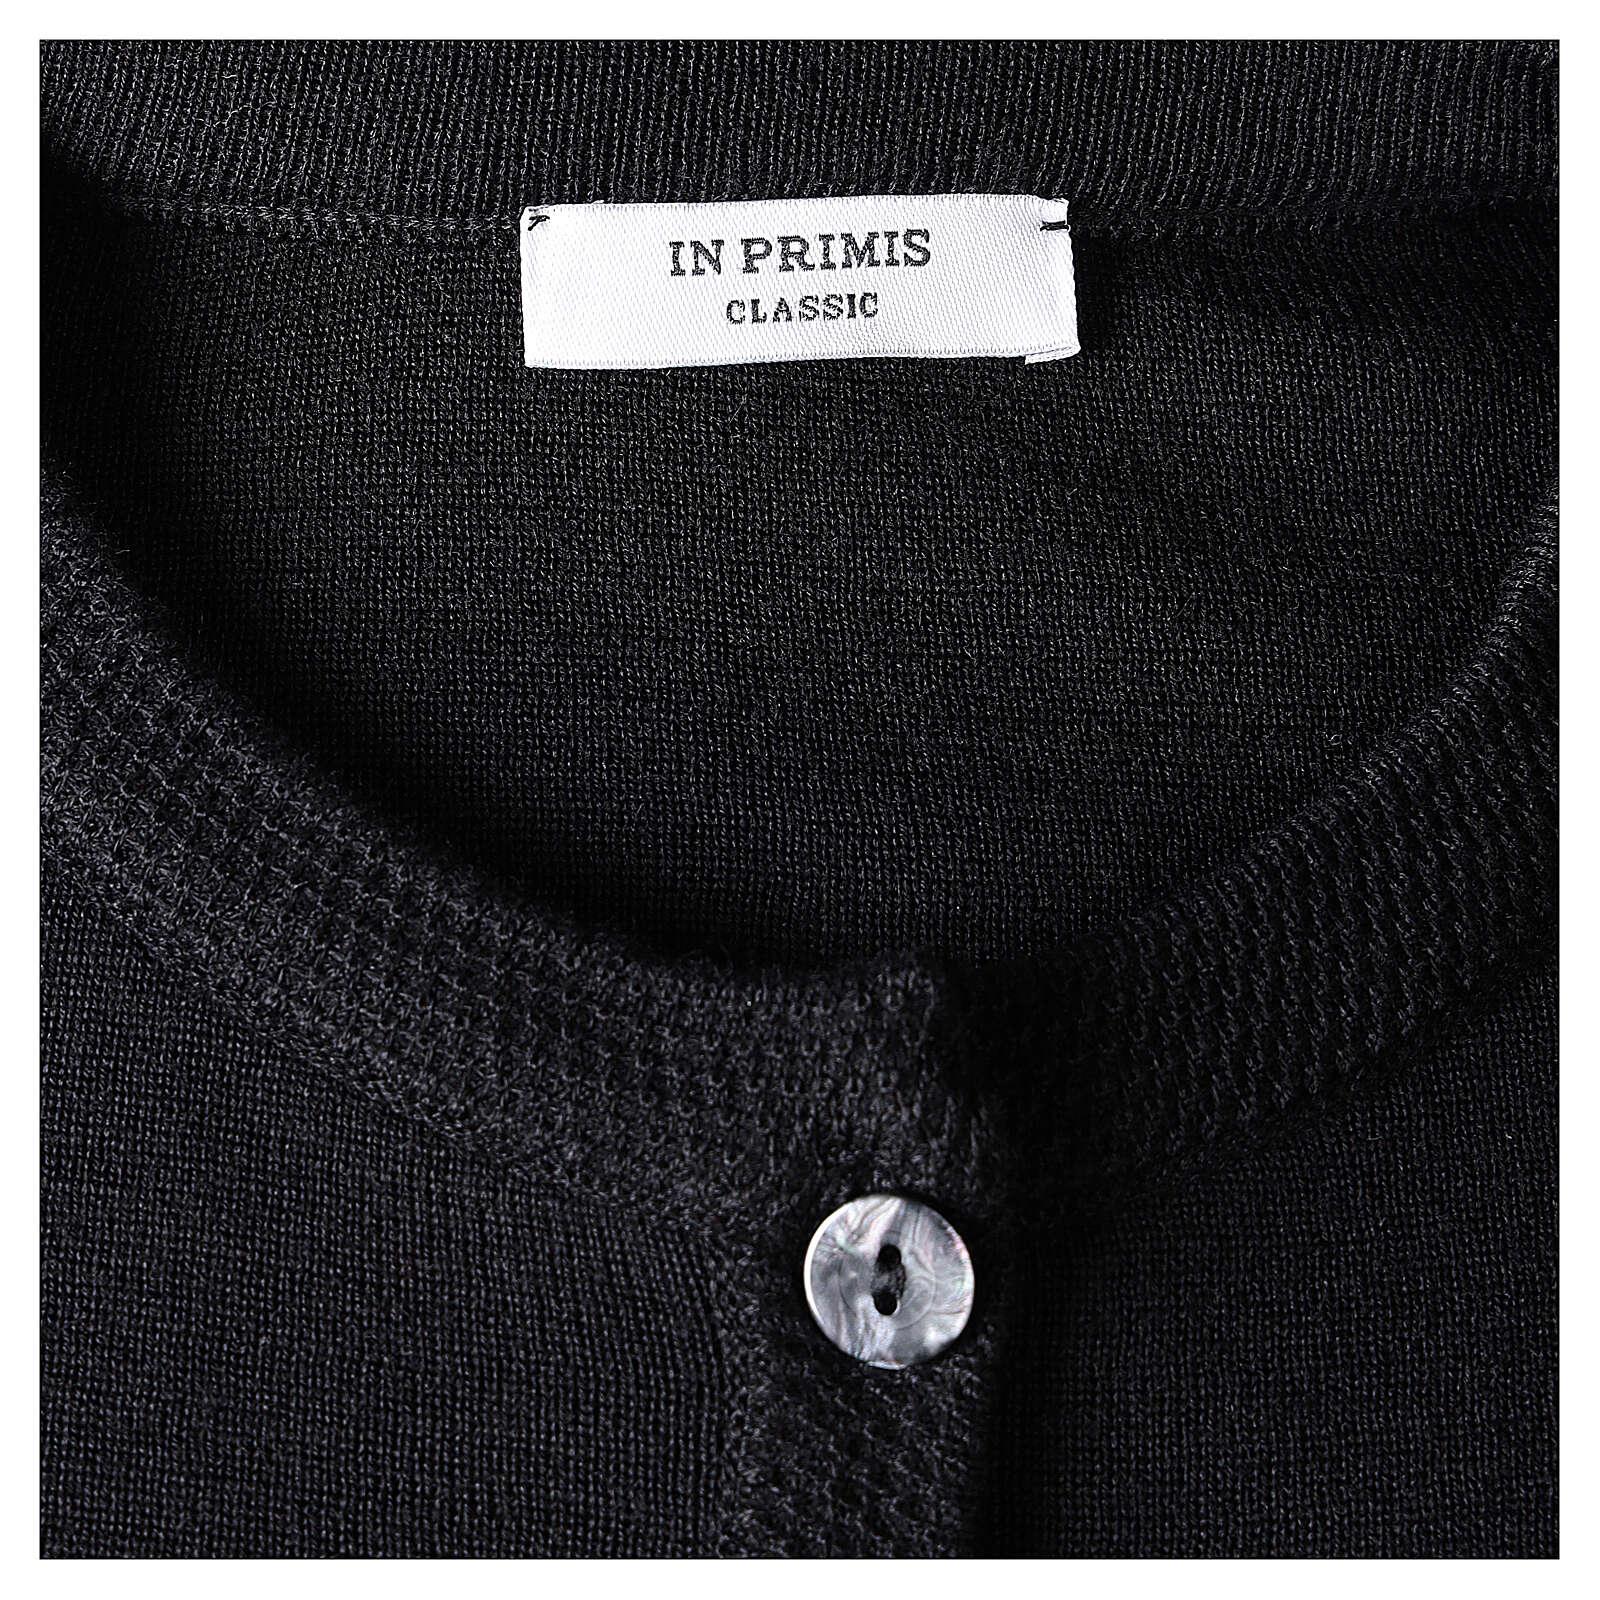 Cardigan soeur noir ras du cou poches jersey 50% acrylique 50% laine mérinos In Primis 4